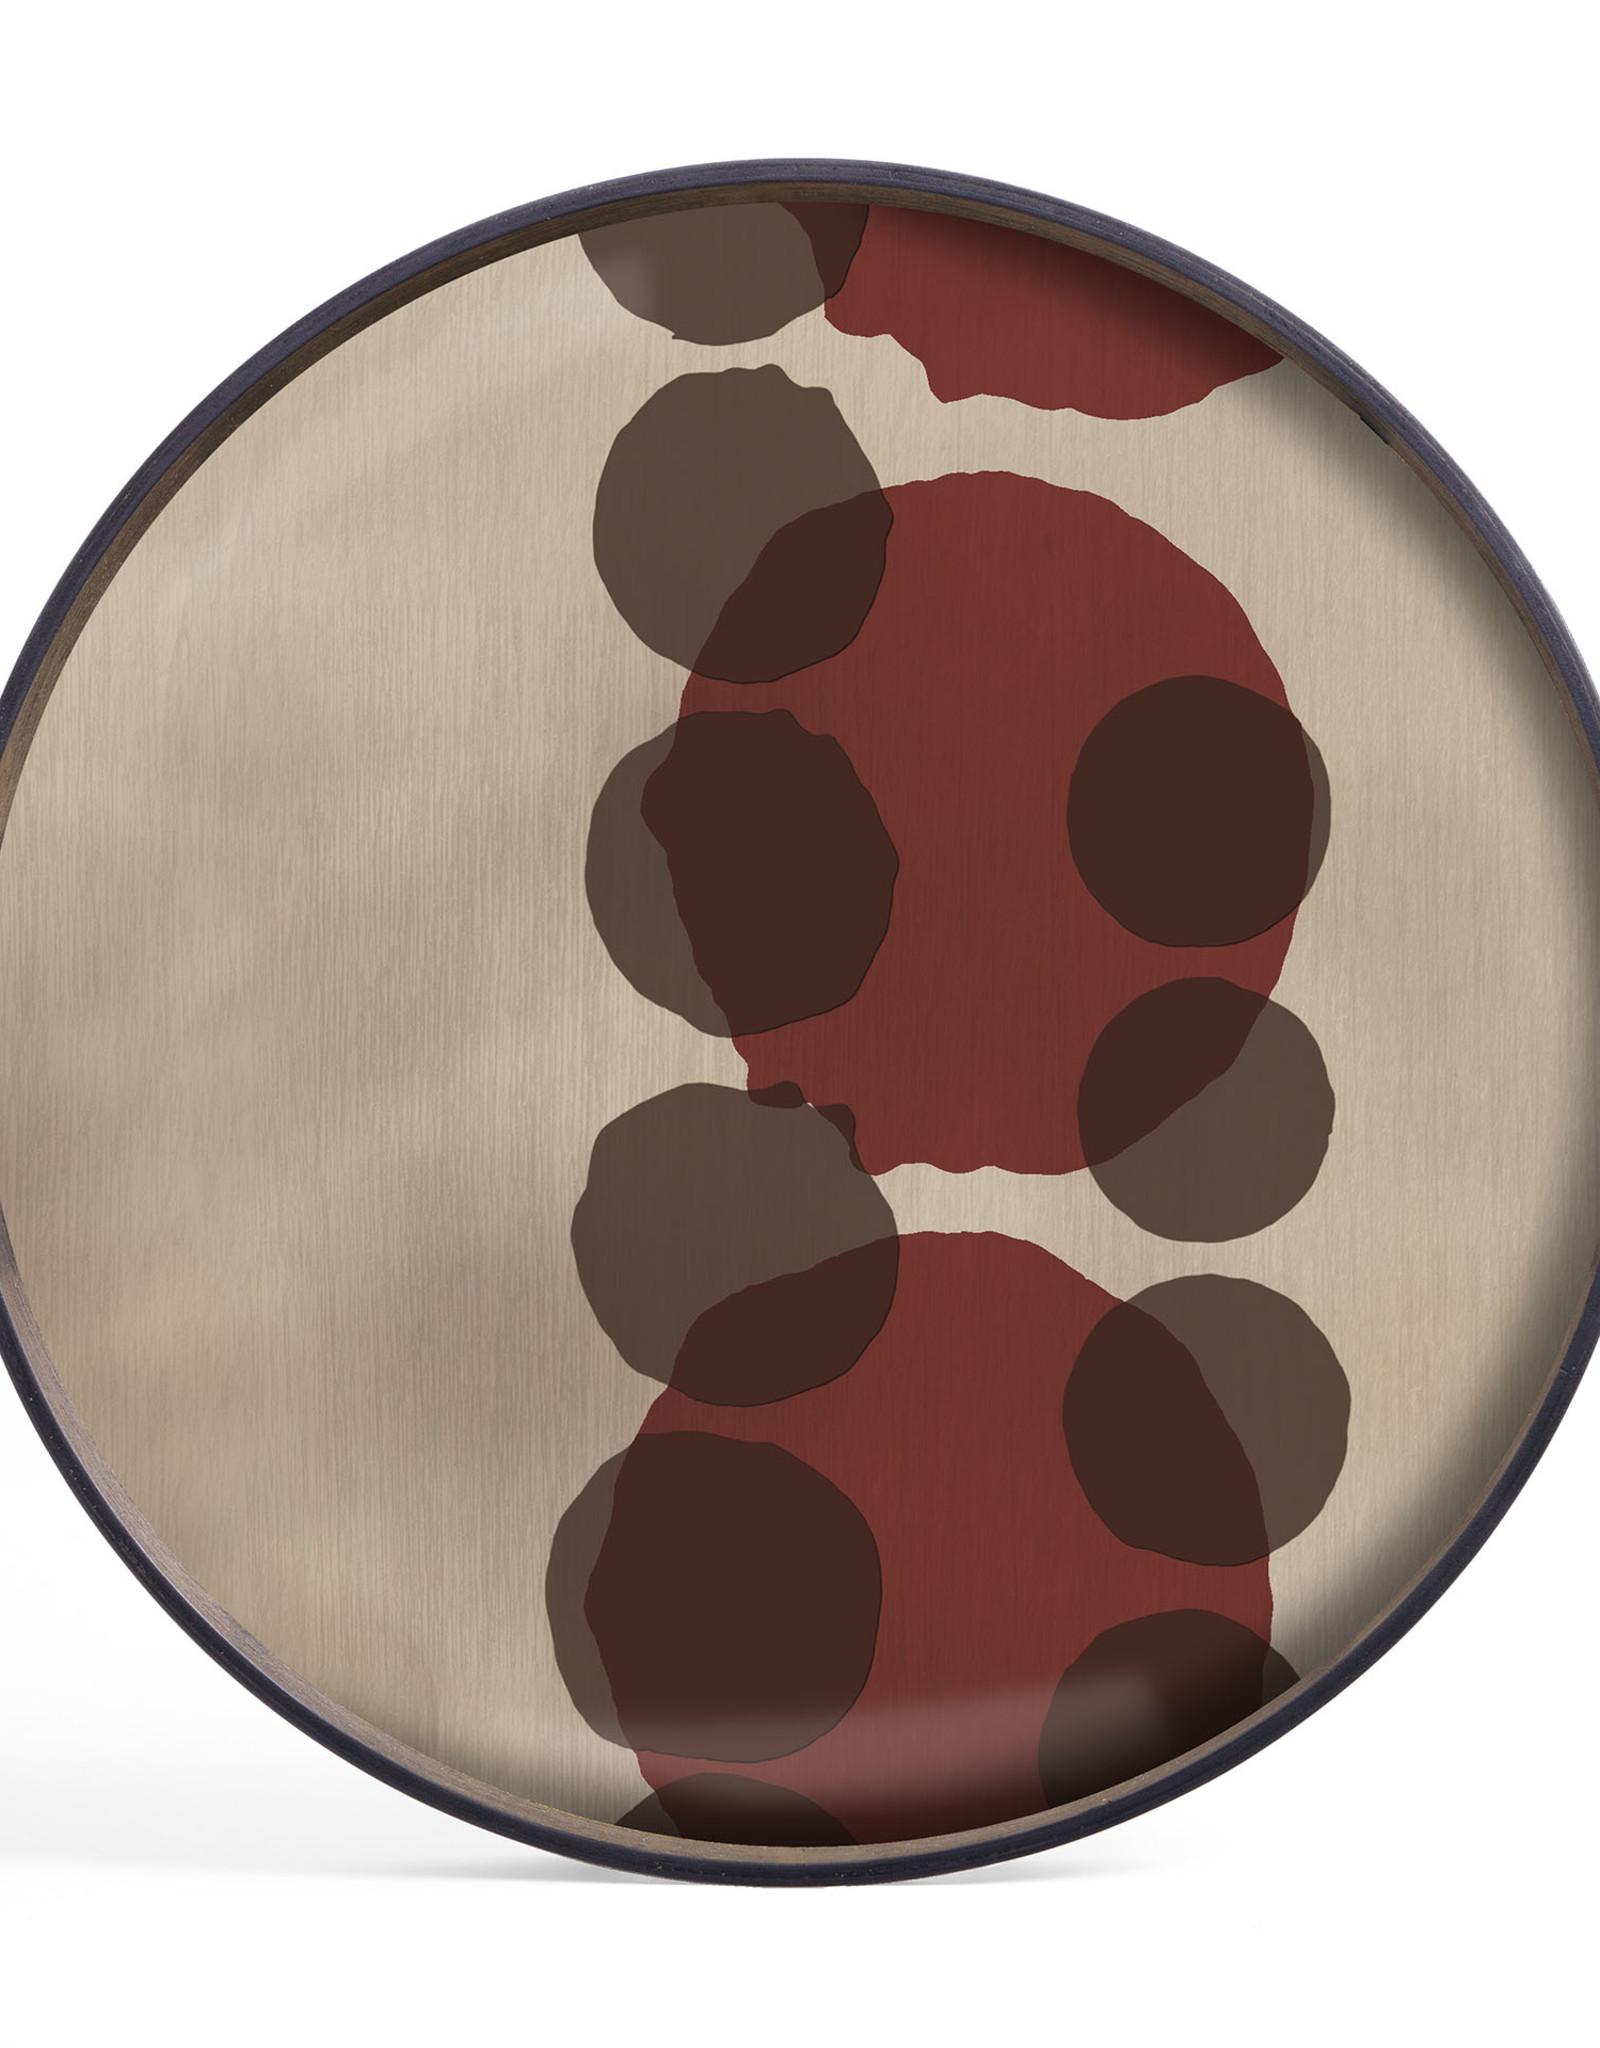 Pinot Layered Dots glass tray - round - S 19 x 19 x 2